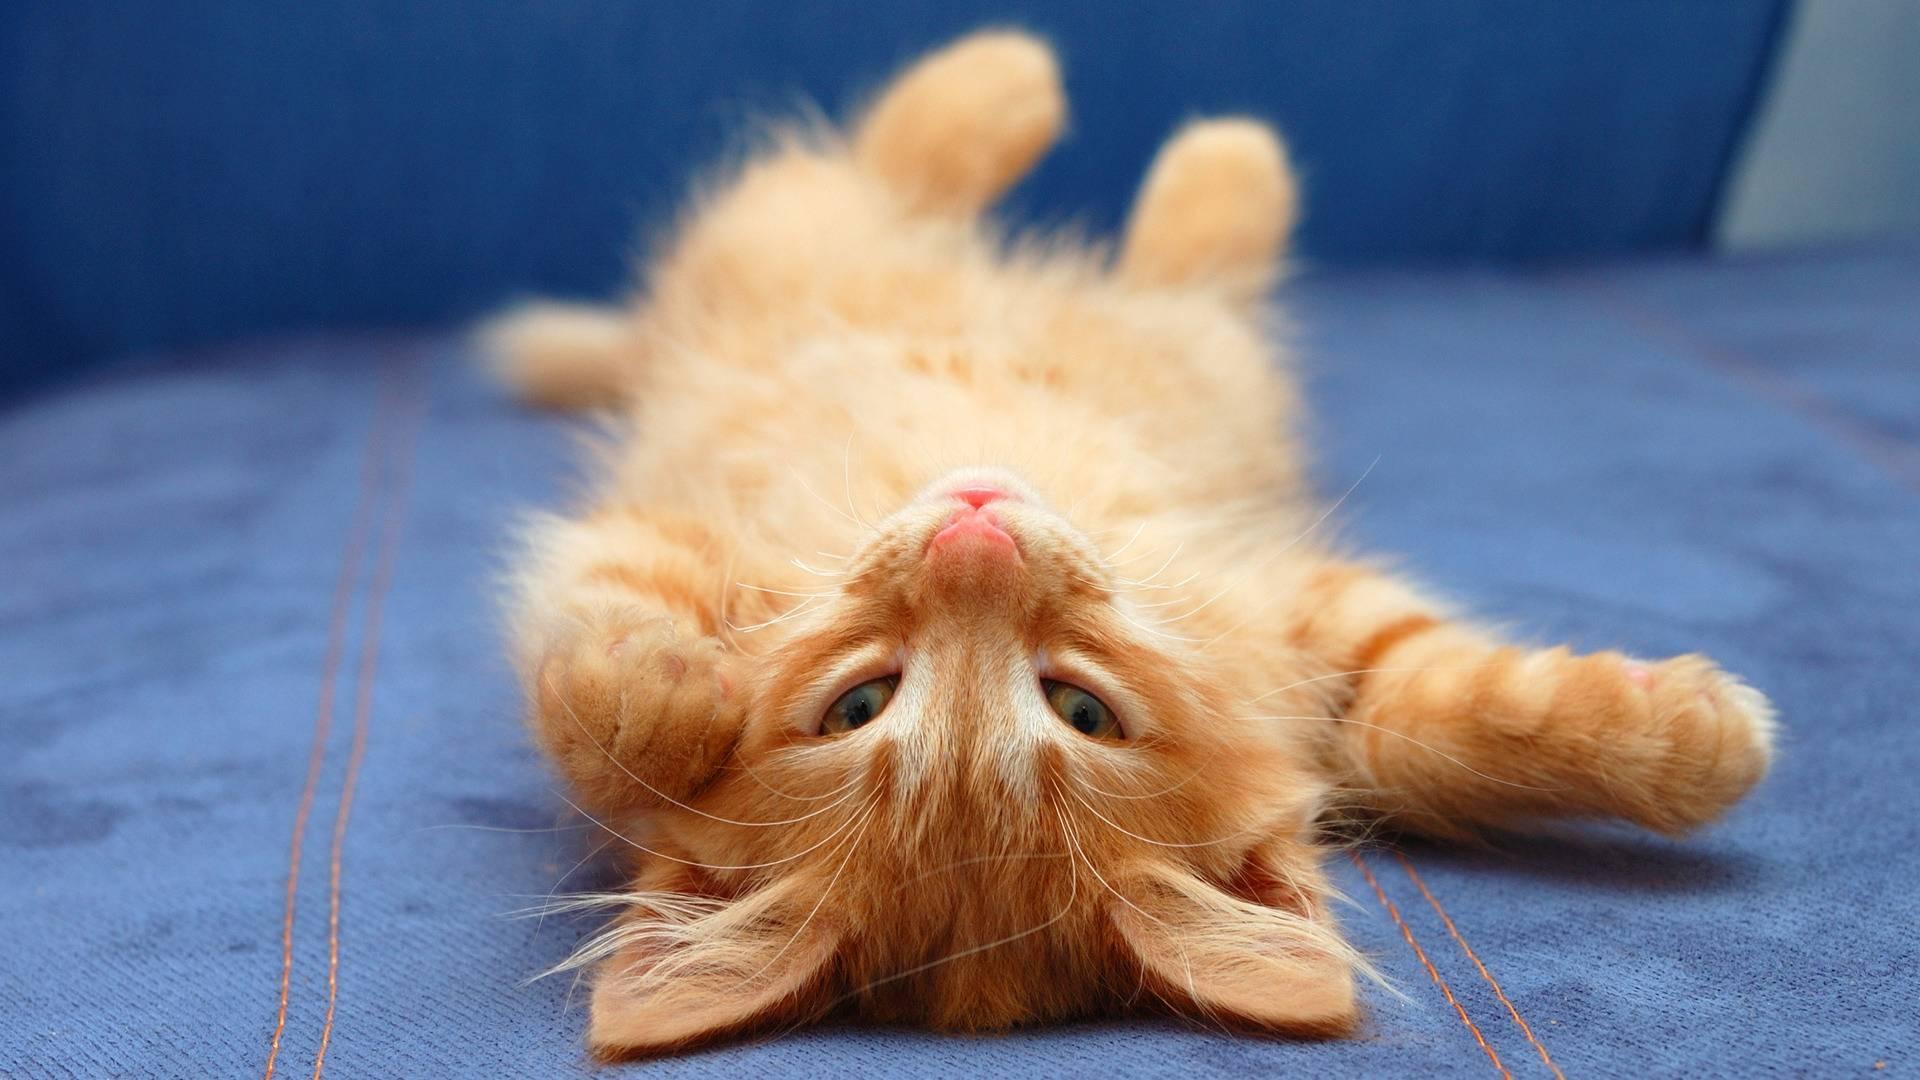 именно было картинки с котенком к верх ногами отпуск российского